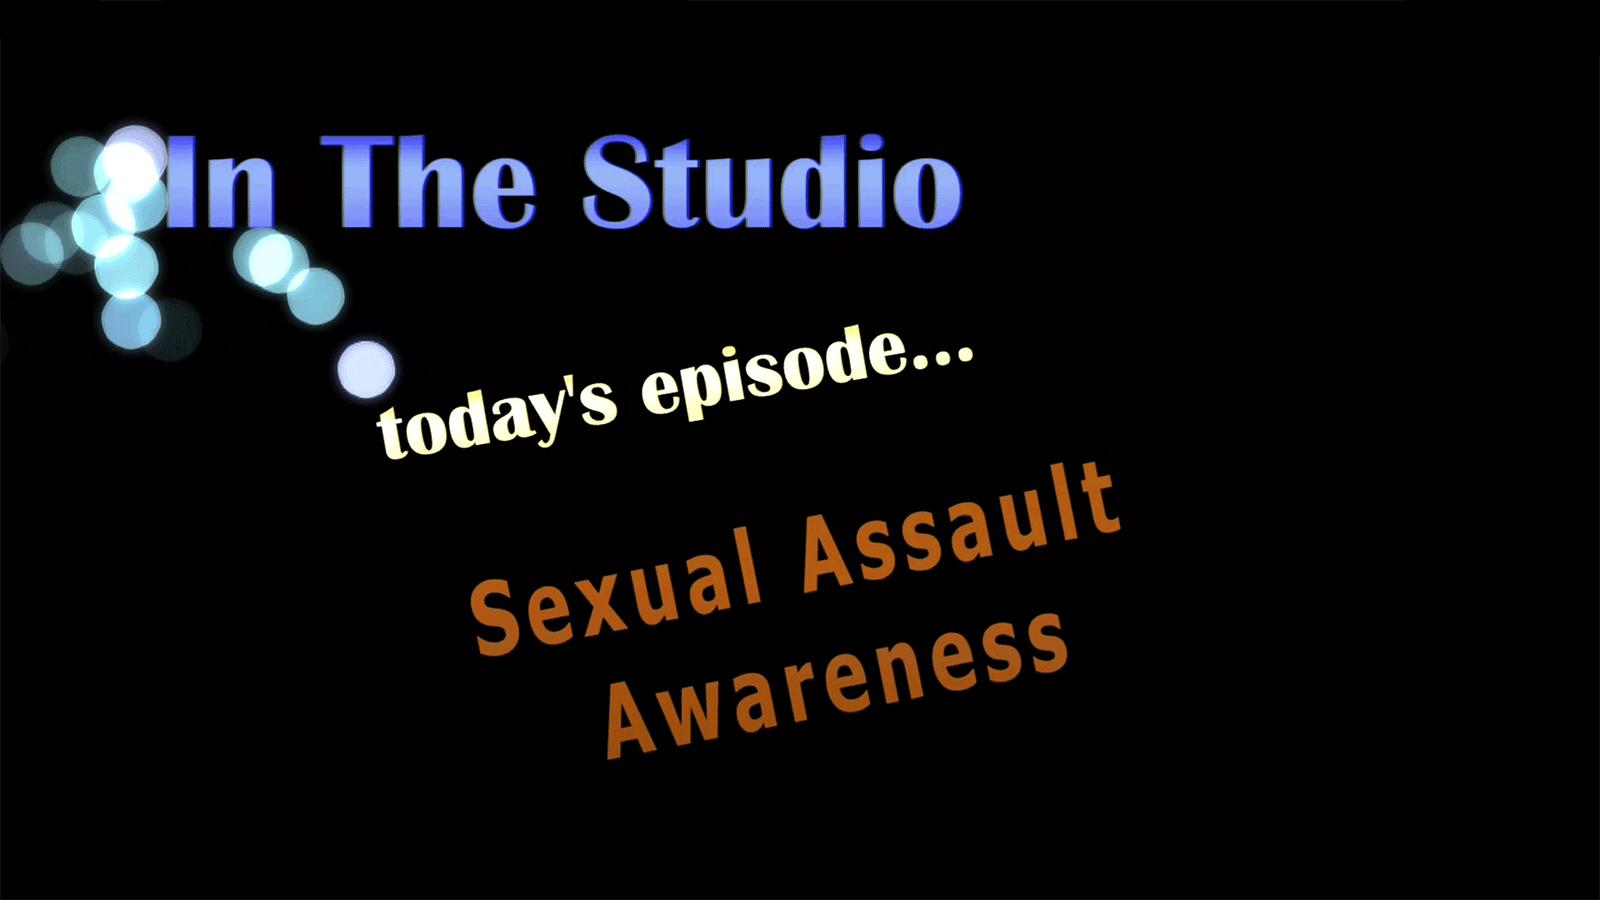 In the Studio: Sexual Assault Awareness